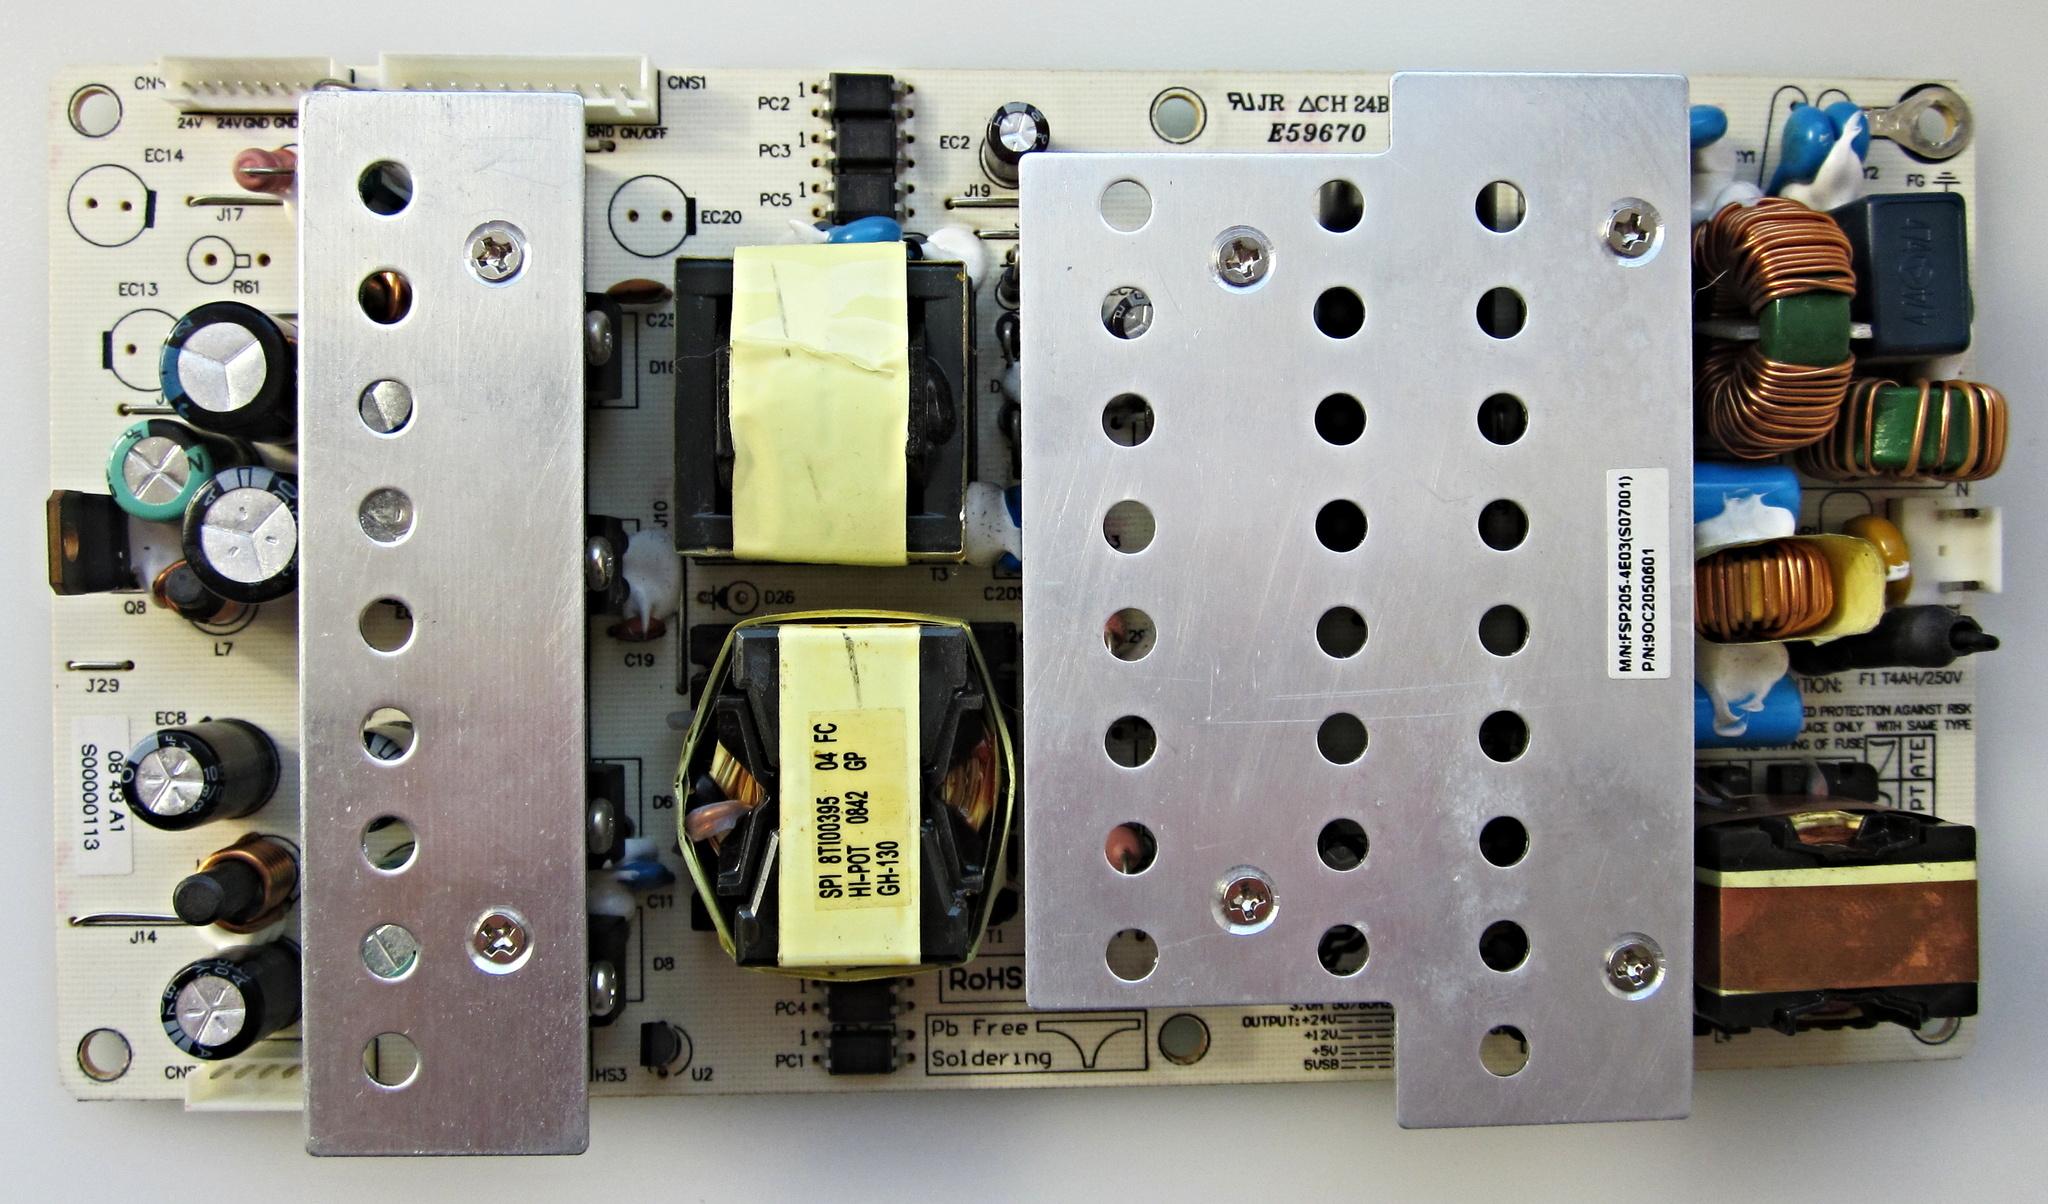 FSP205-4E03